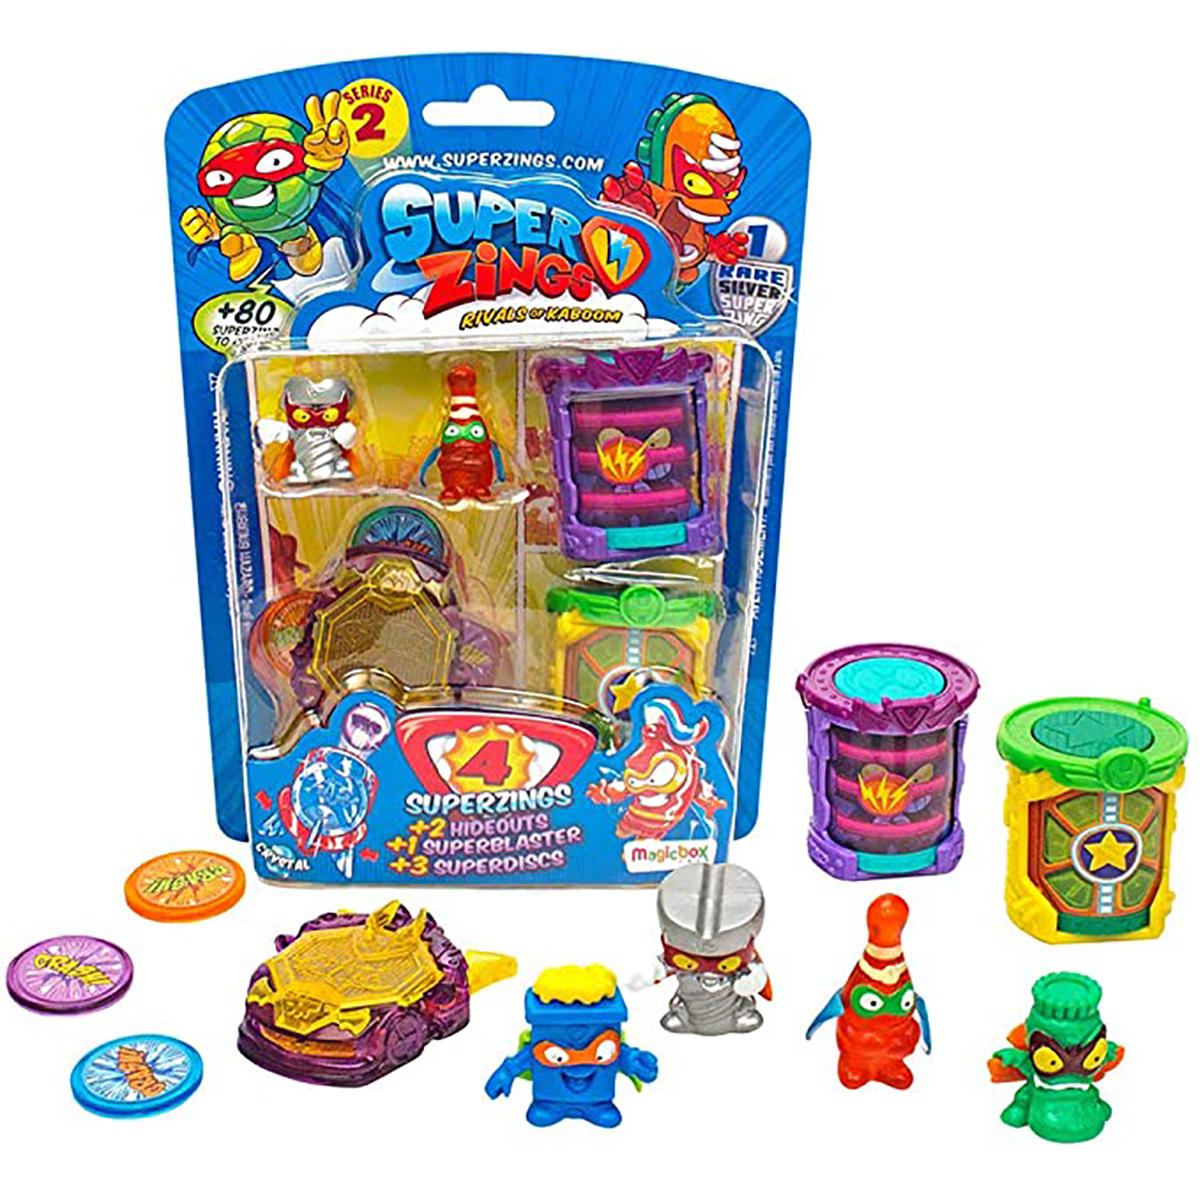 Set 4 figurine surpriza si accesorii SuperZings, Seria 2